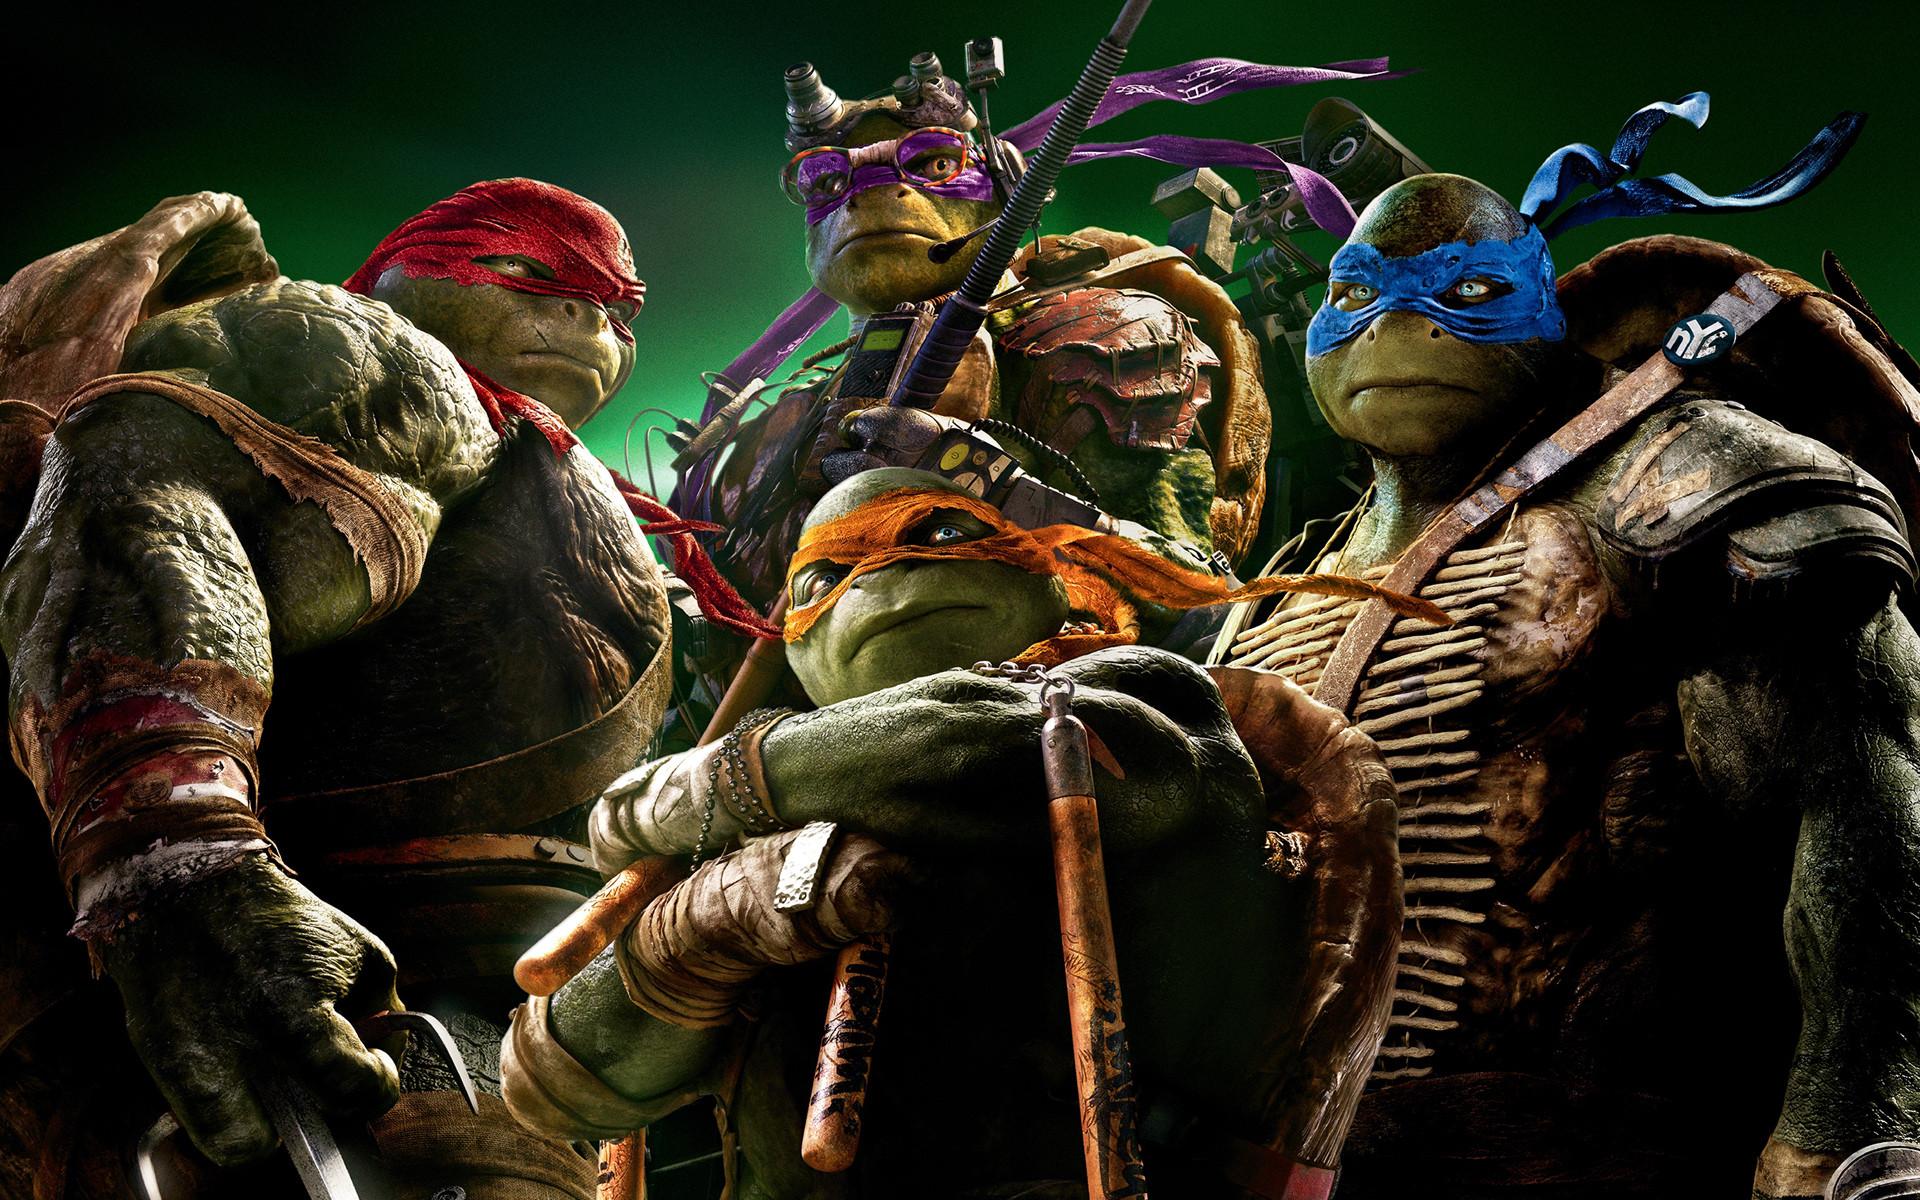 Teenage Mutant Ninja Turtles TMNT 2014